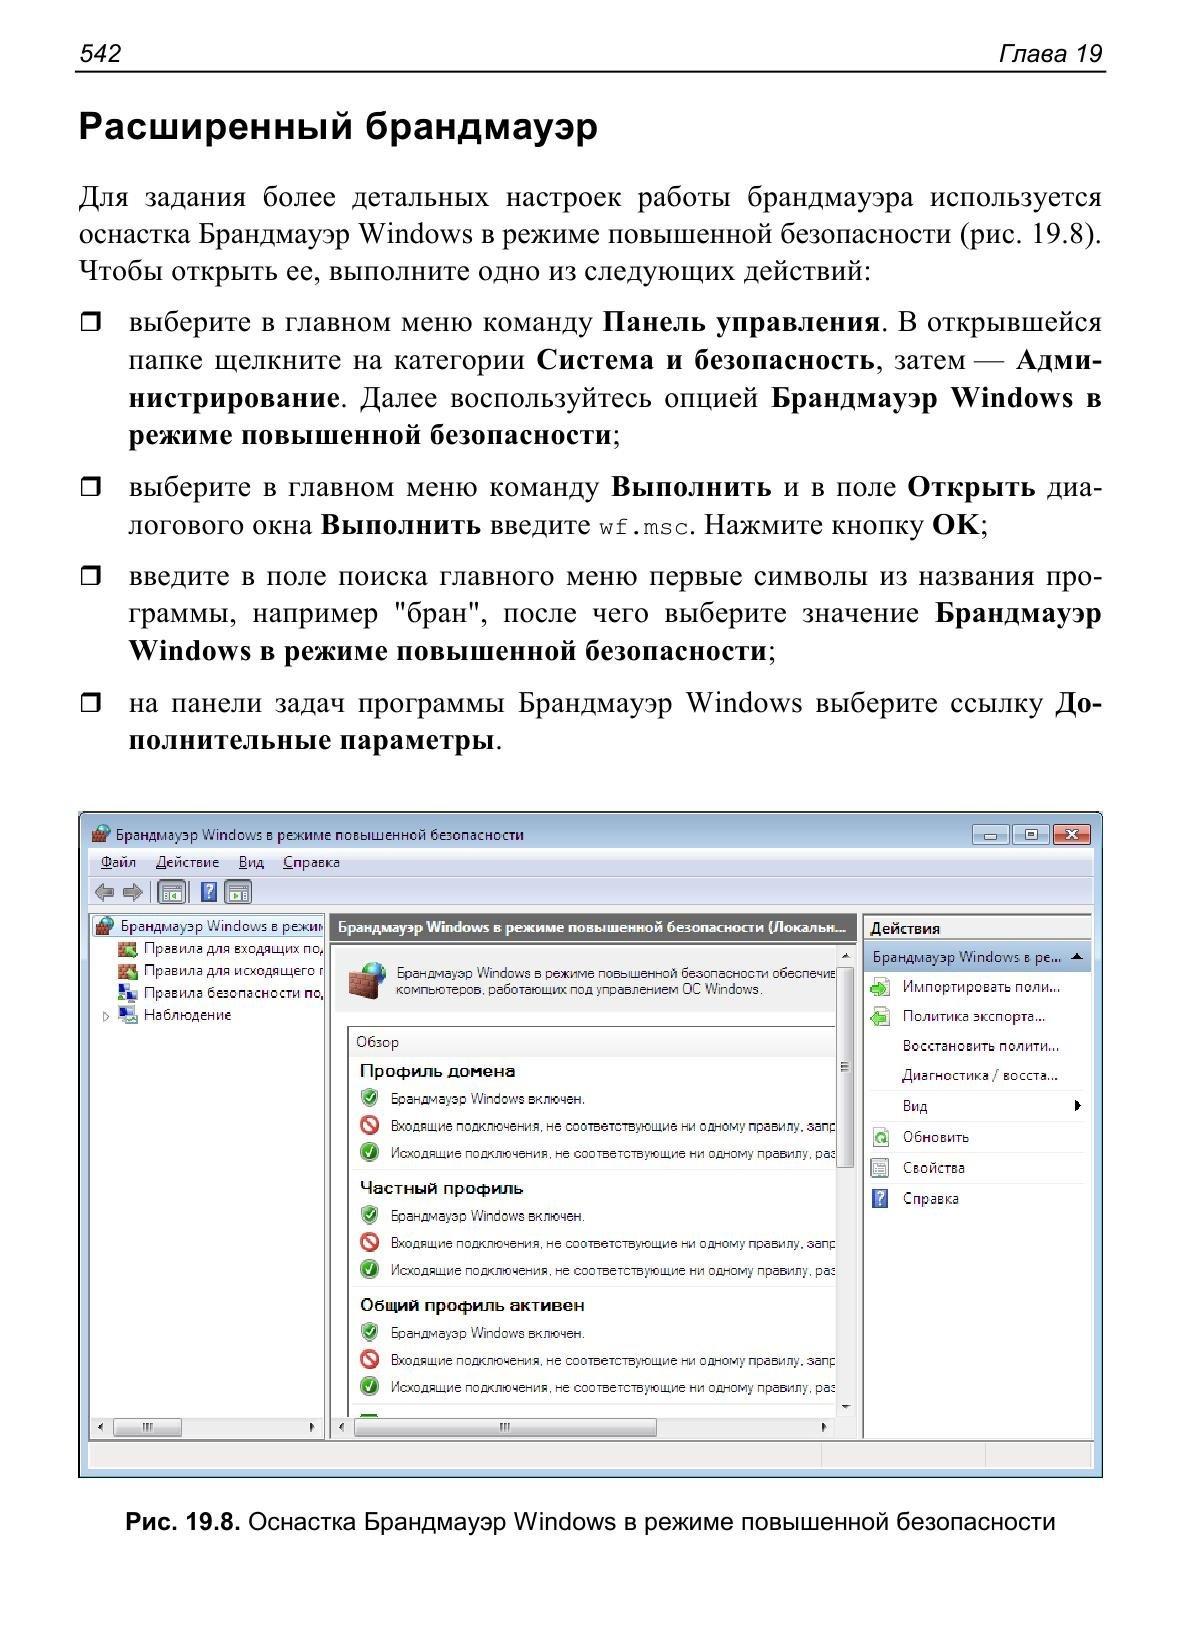 http://images.vfl.ru/ii/1407358042/e3a4f084/5919769.jpg